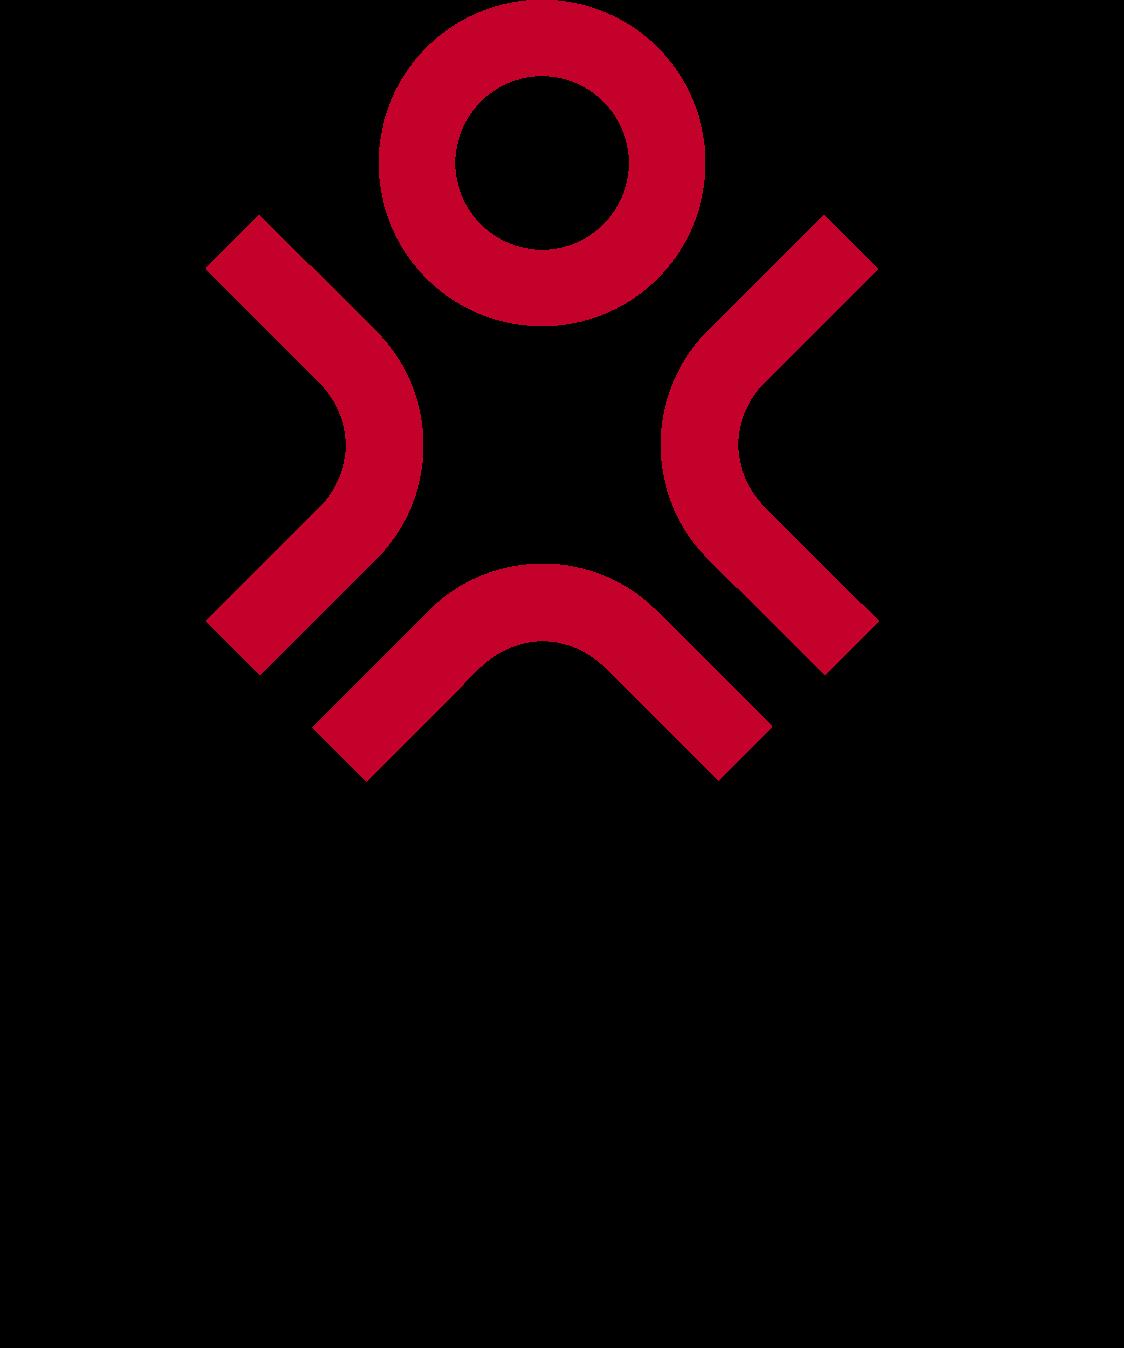 https://www.utbildningssidan.se/utbildning/it-sakerhetstekniker-xenter